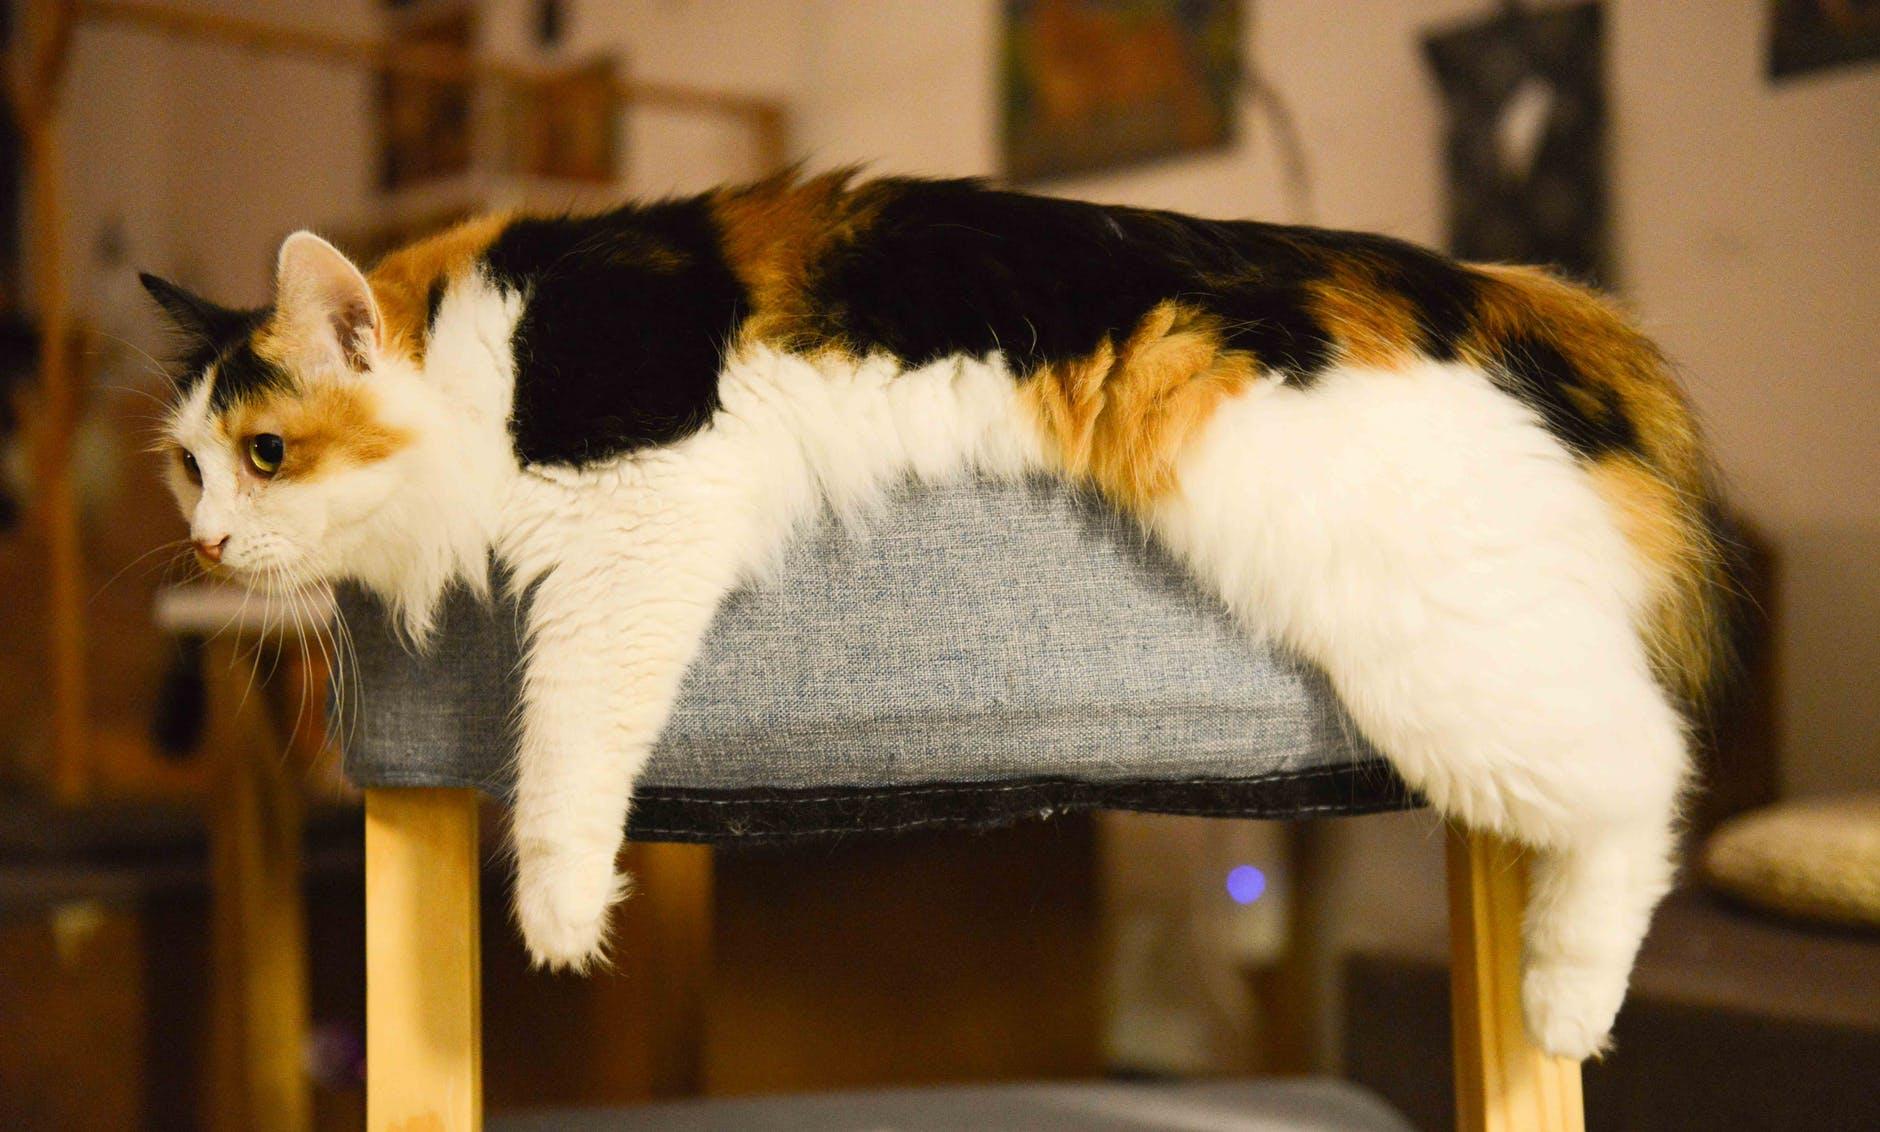 Fourrure de chat, conseils pour son entretien